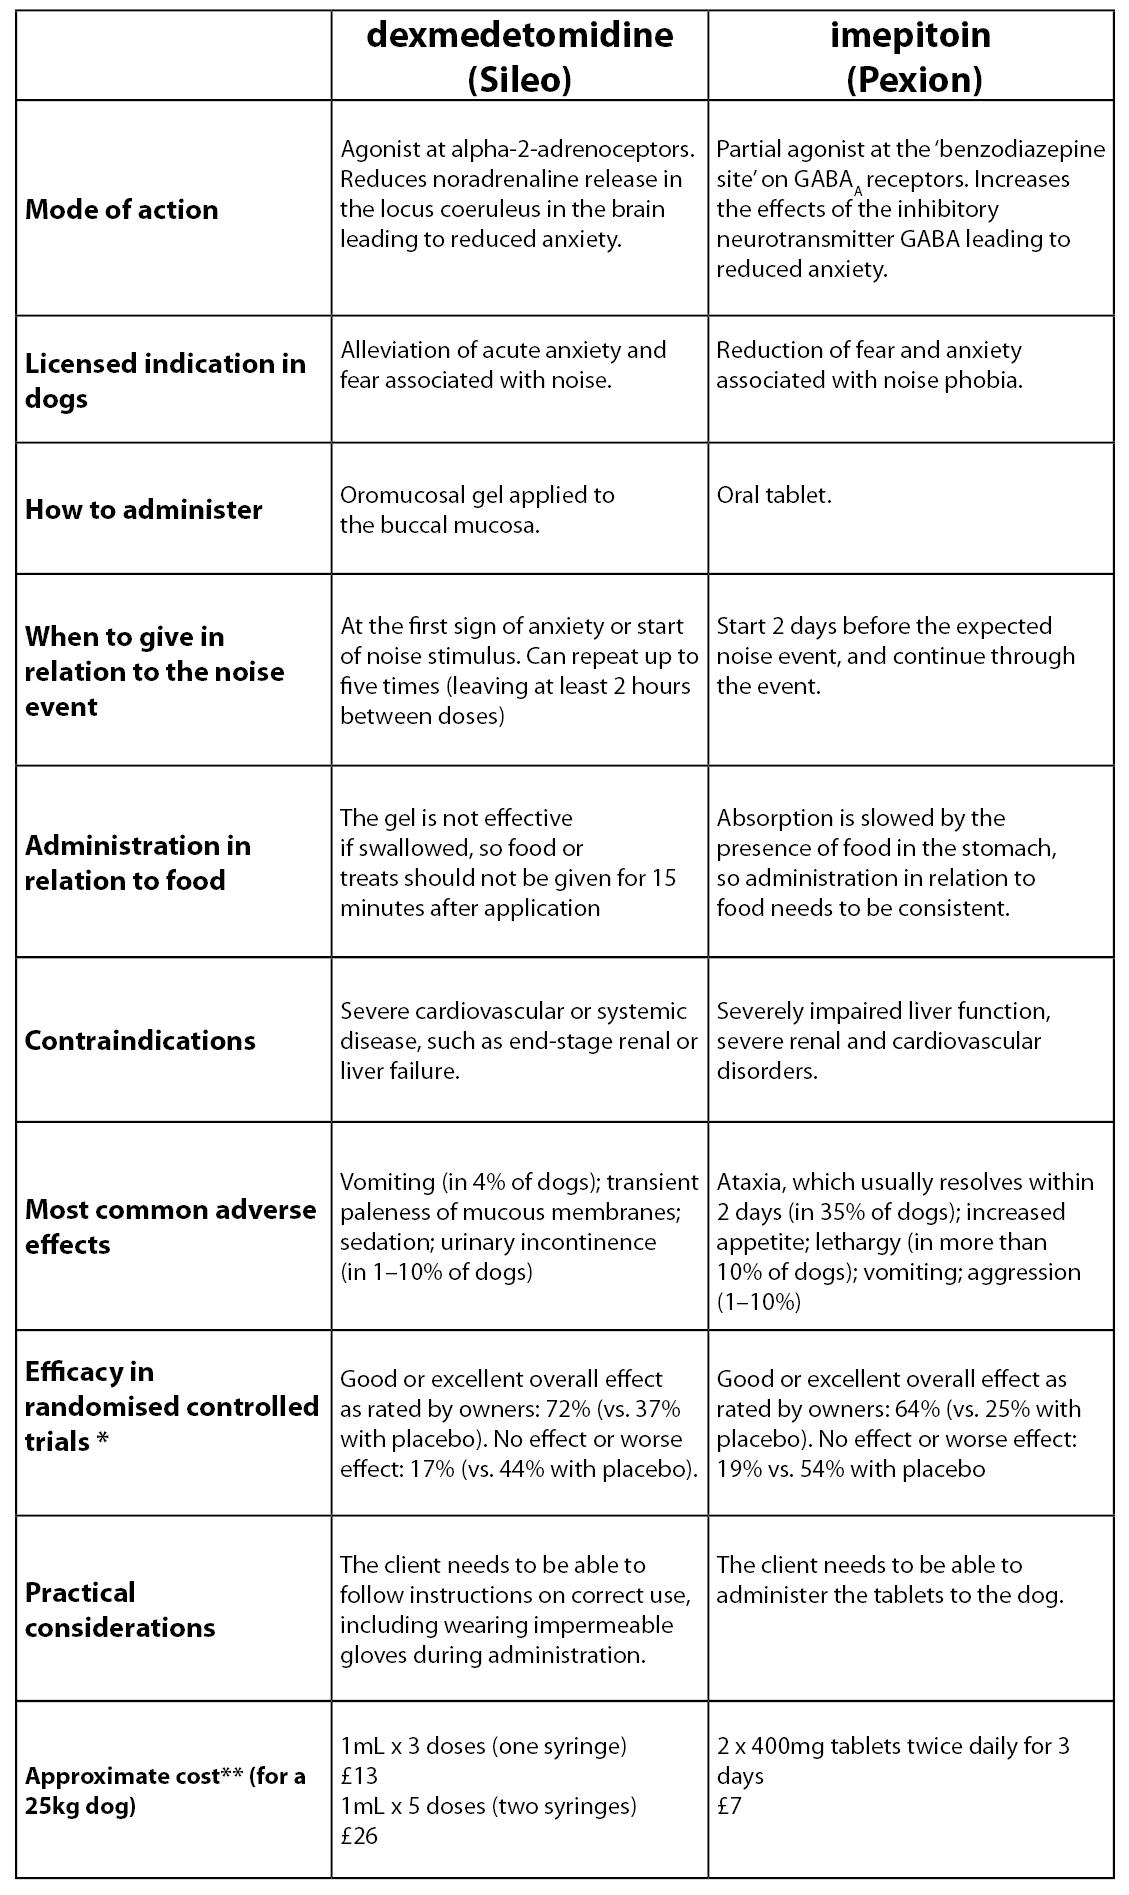 Comparison of dexmedetomidine versus imepitoin